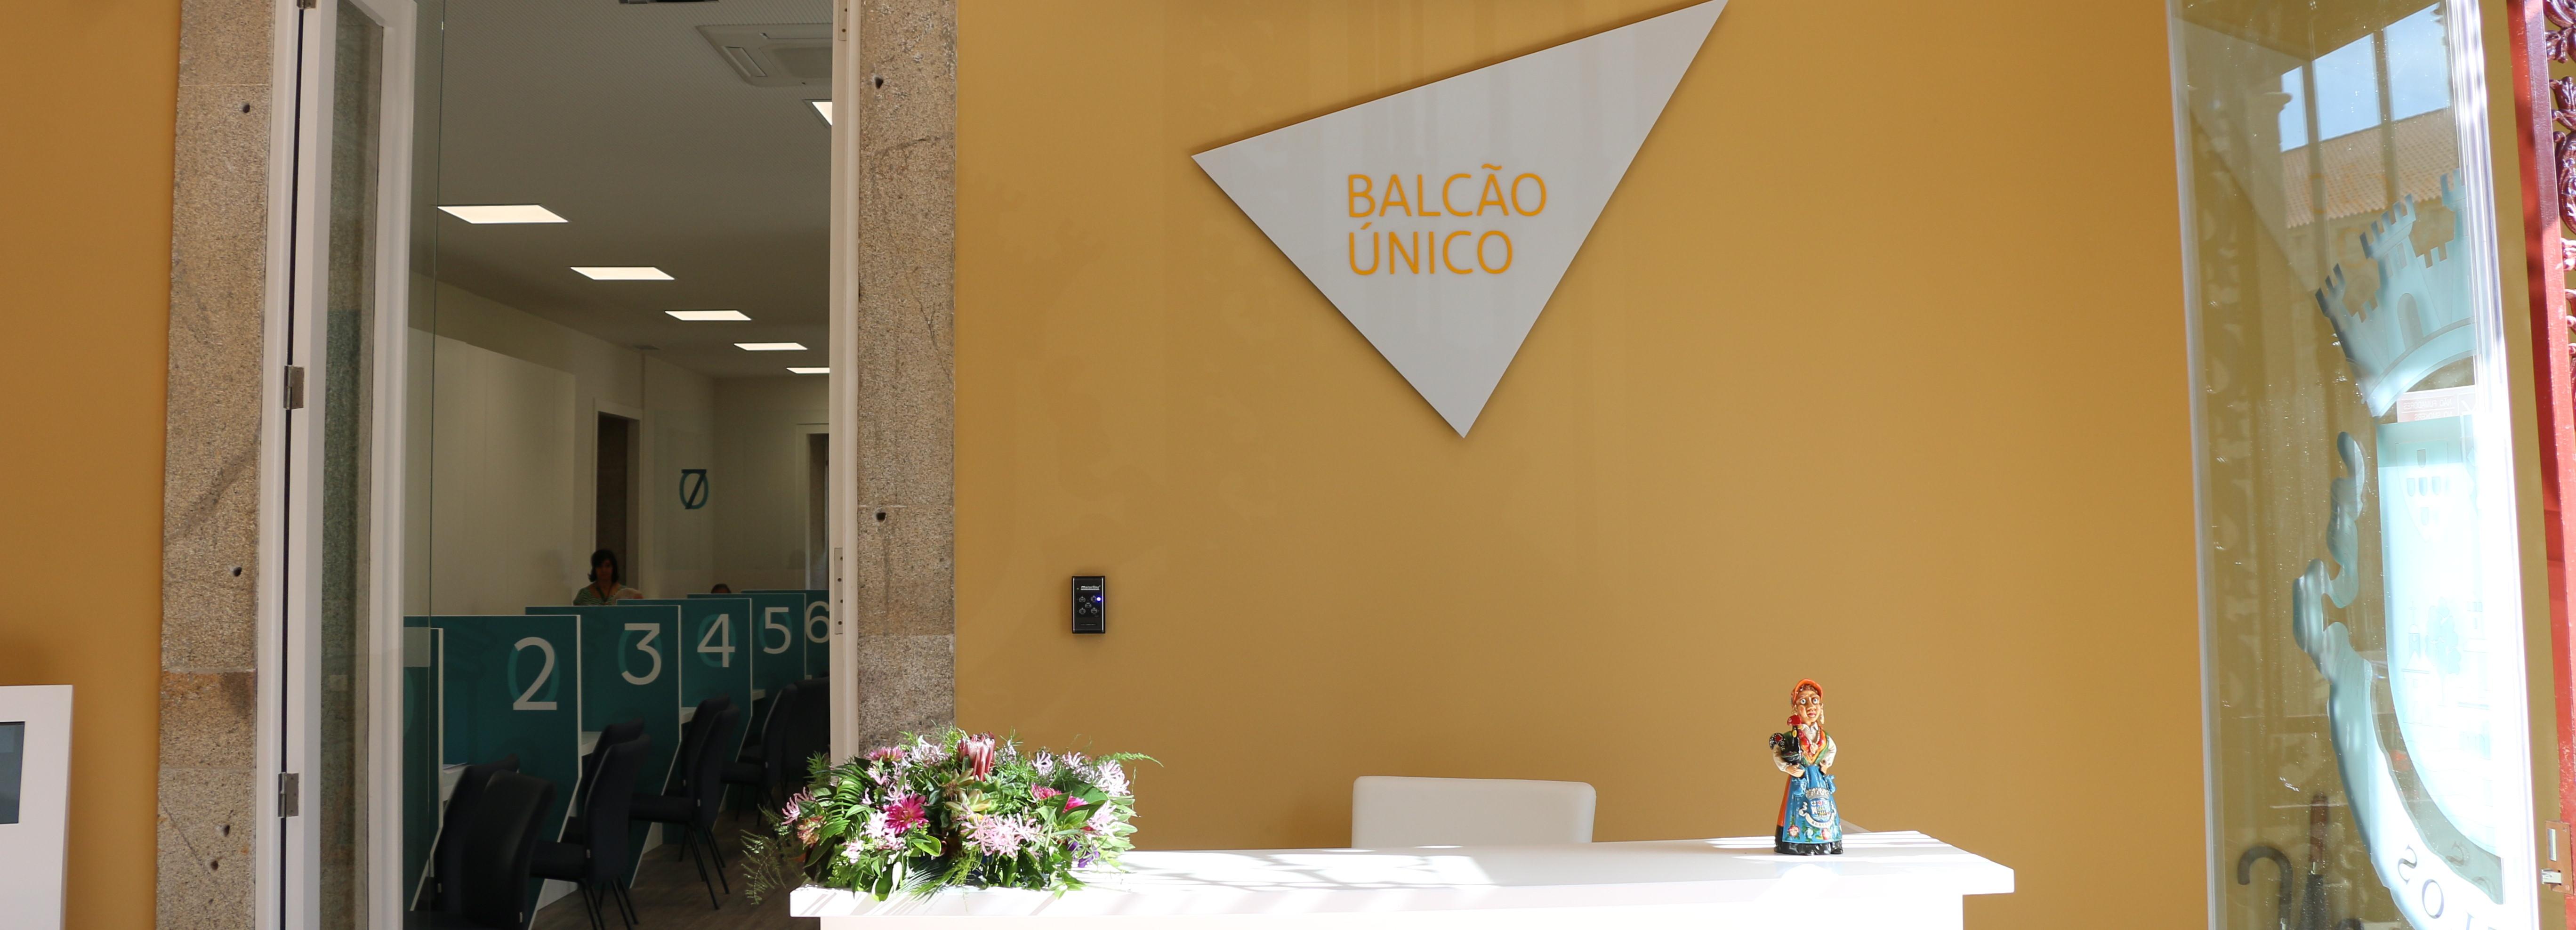 Atendimento ao público da Casa do Rio passa para o Balcão Único